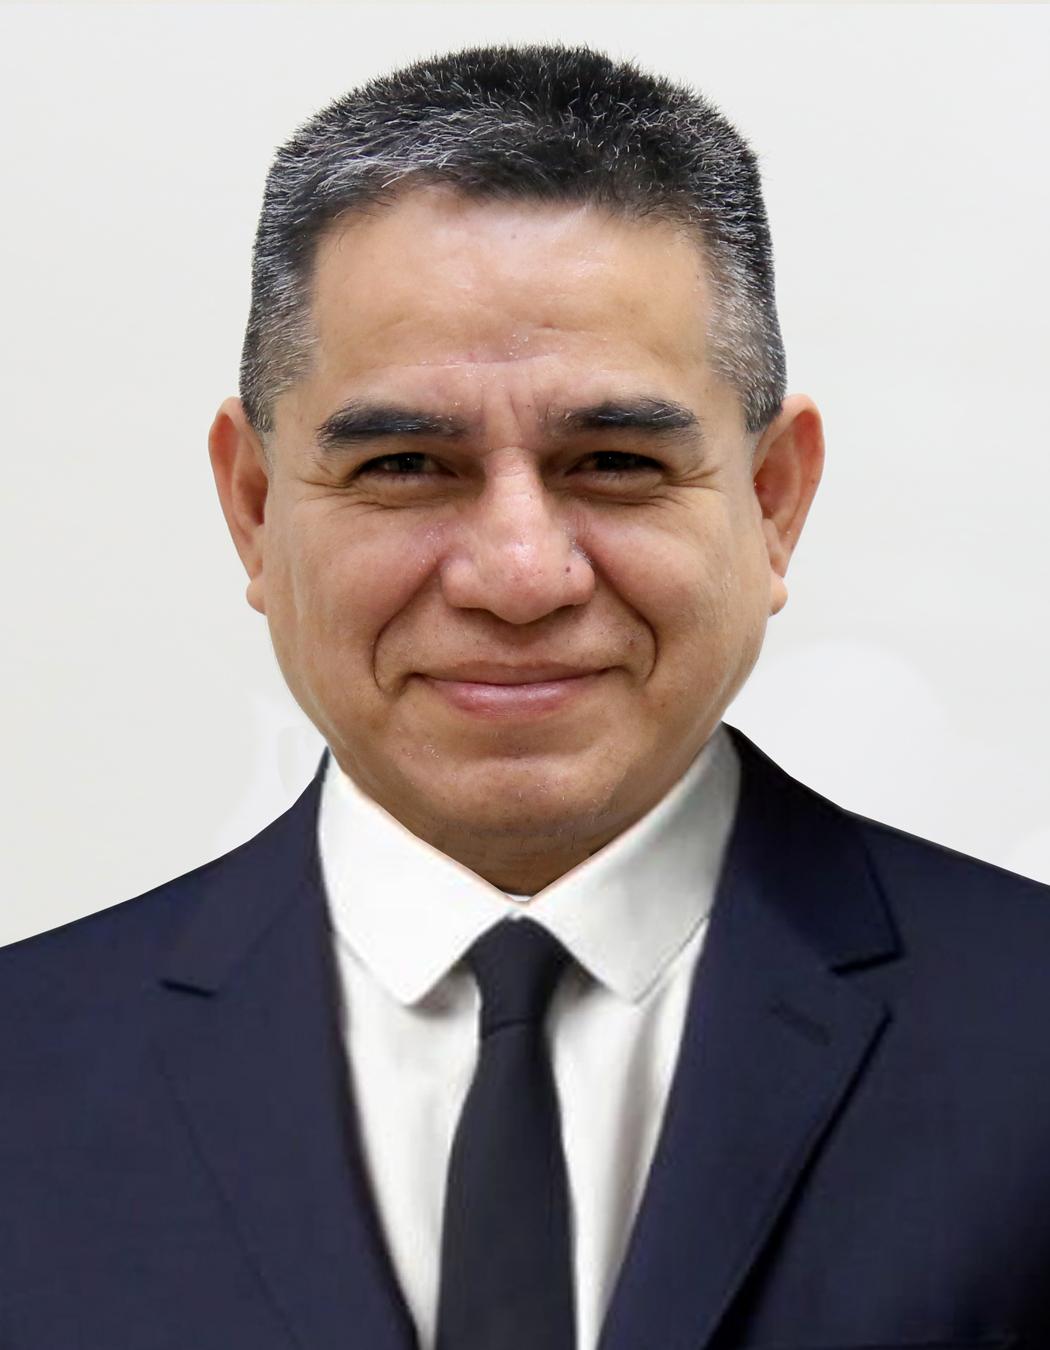 SALOMÓN AMÉRICO PILLMAN VELÁSQUEZ